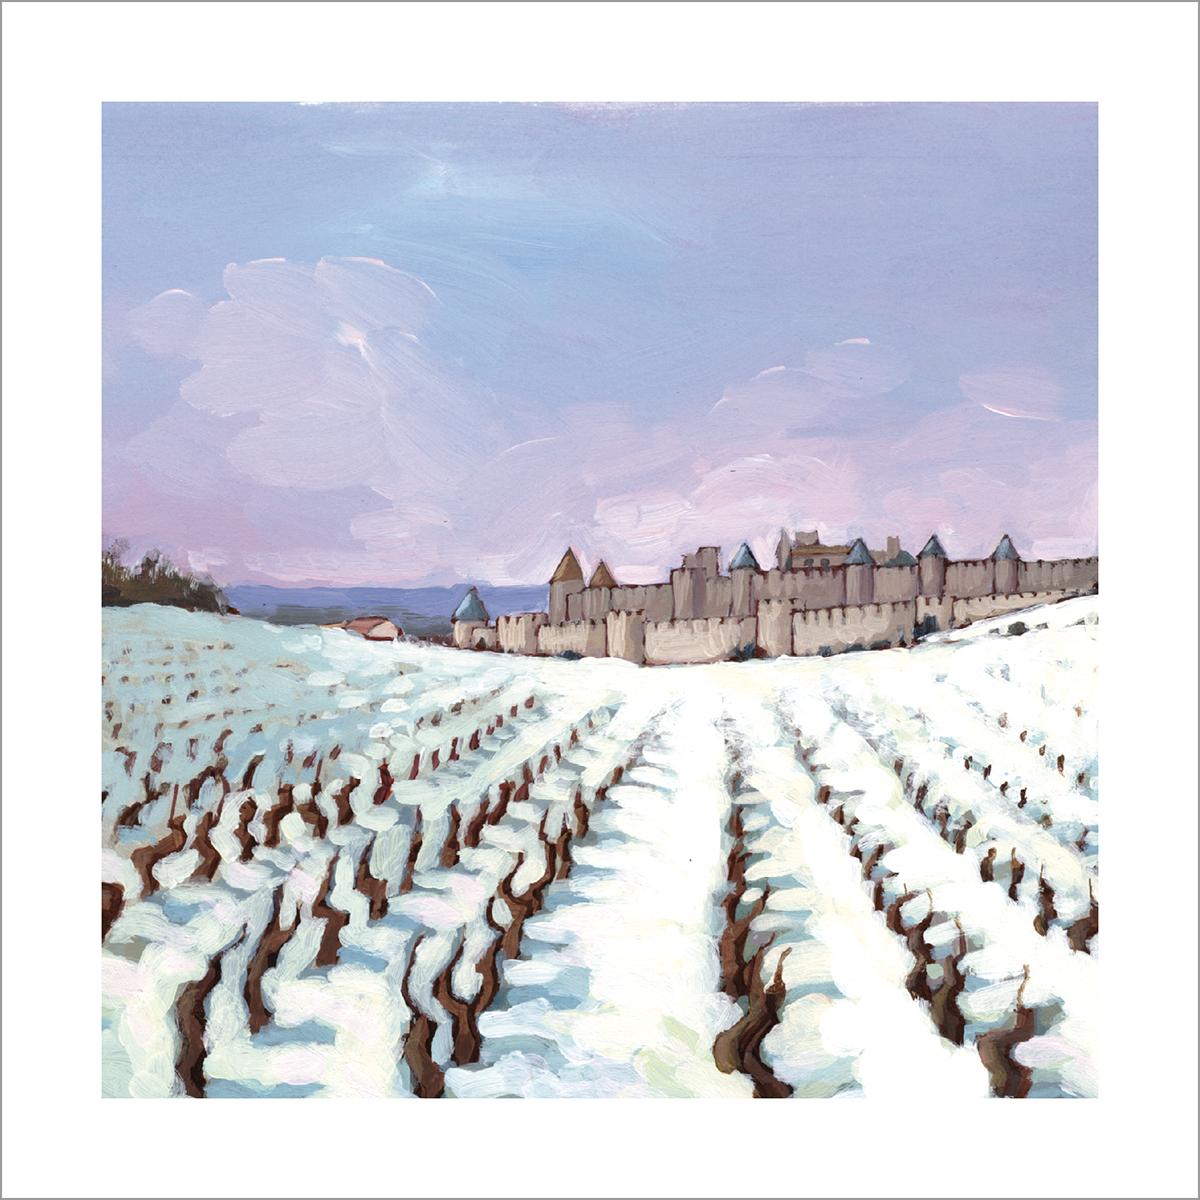 Carcassonne cite sous la neige